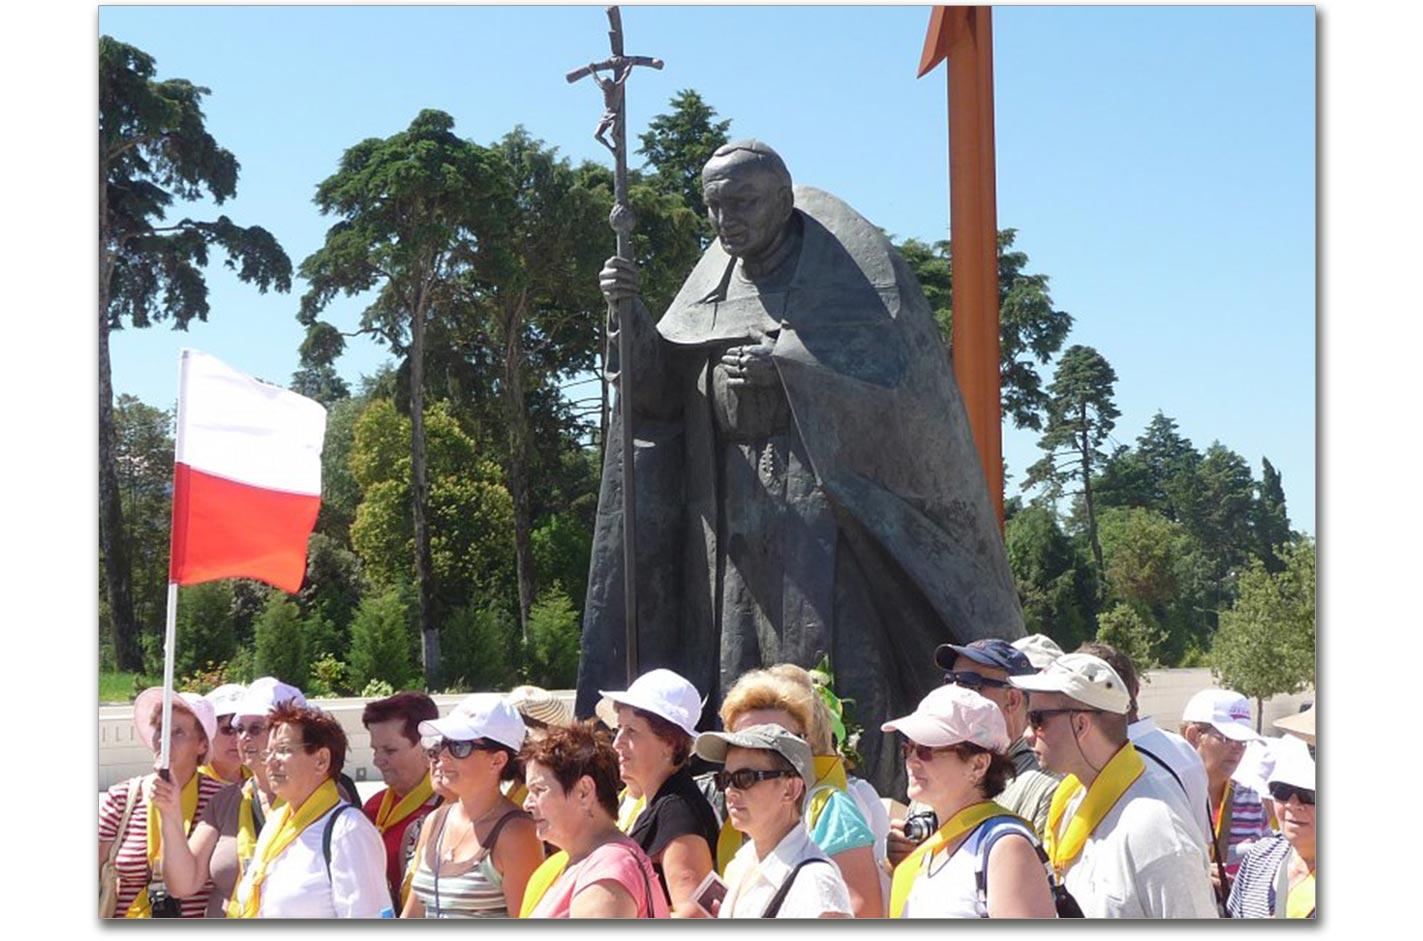 Polacy przy pomniku Jana Pawła II w portugalskiej Fatimie. Źródło - www.garnek.pl